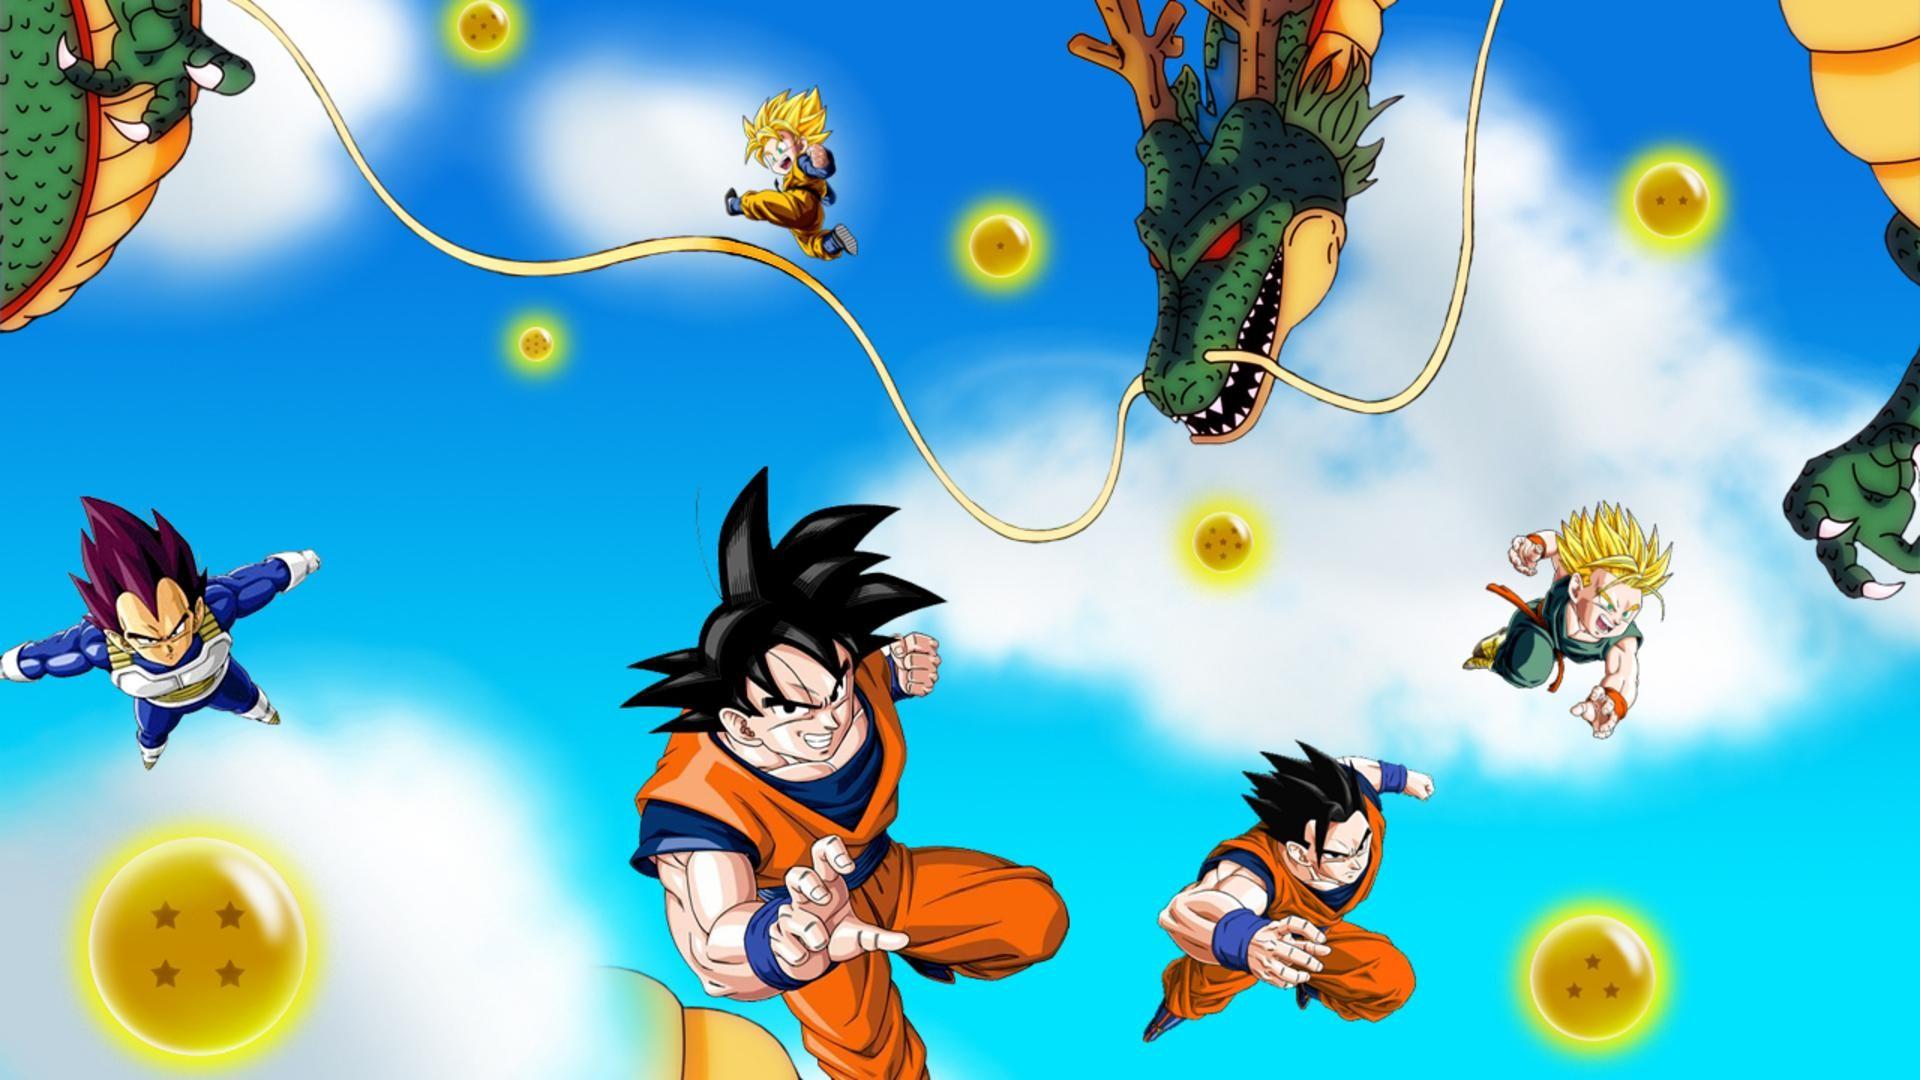 Dragon Ball Z Wallpaper kai saiyans Goku Vegeta